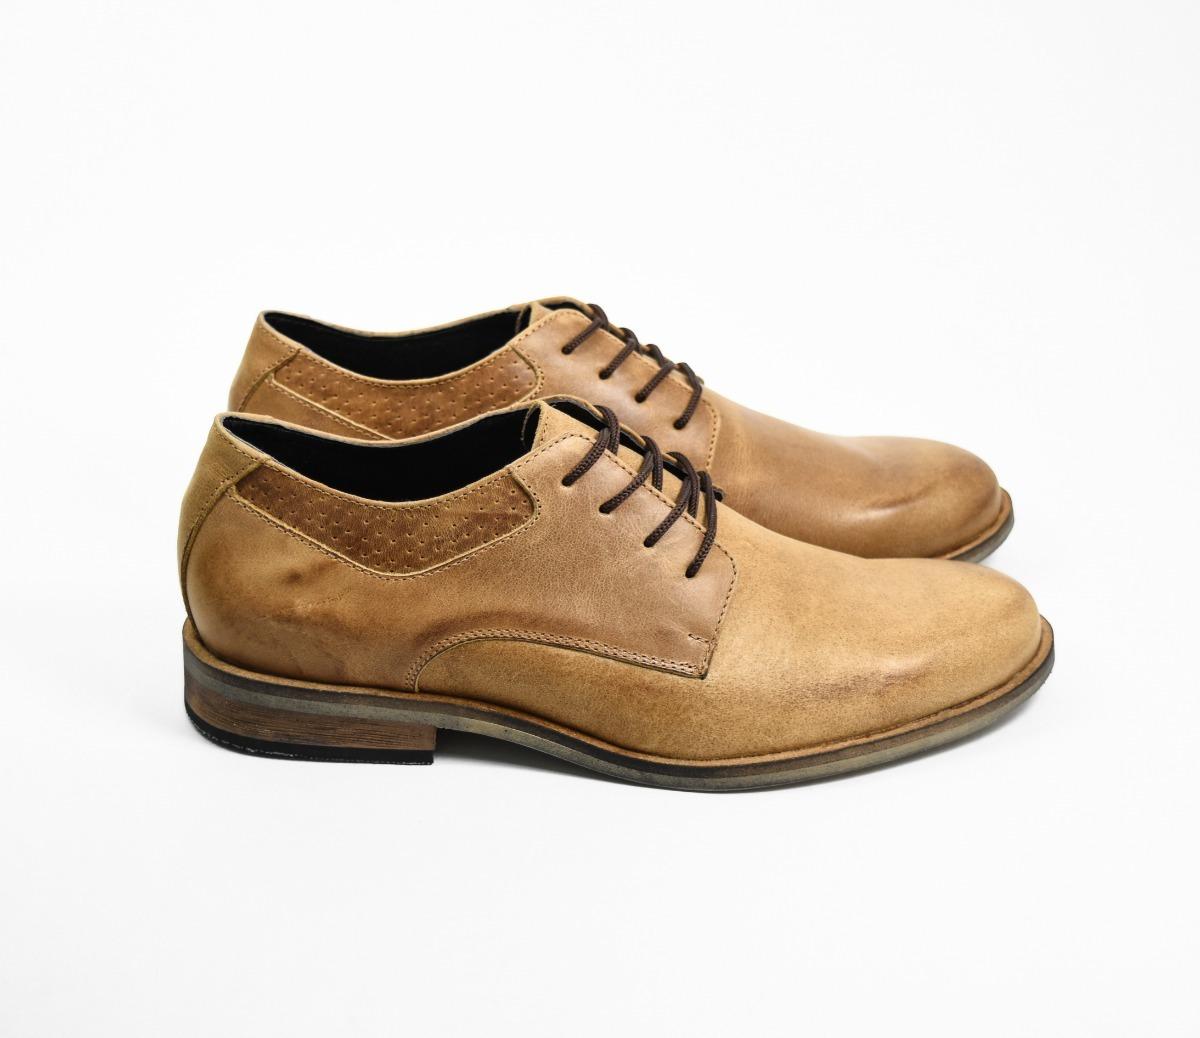 c8d5ca93 zapato vestir panther calzado urbano hombre cuero suela 1823 ...